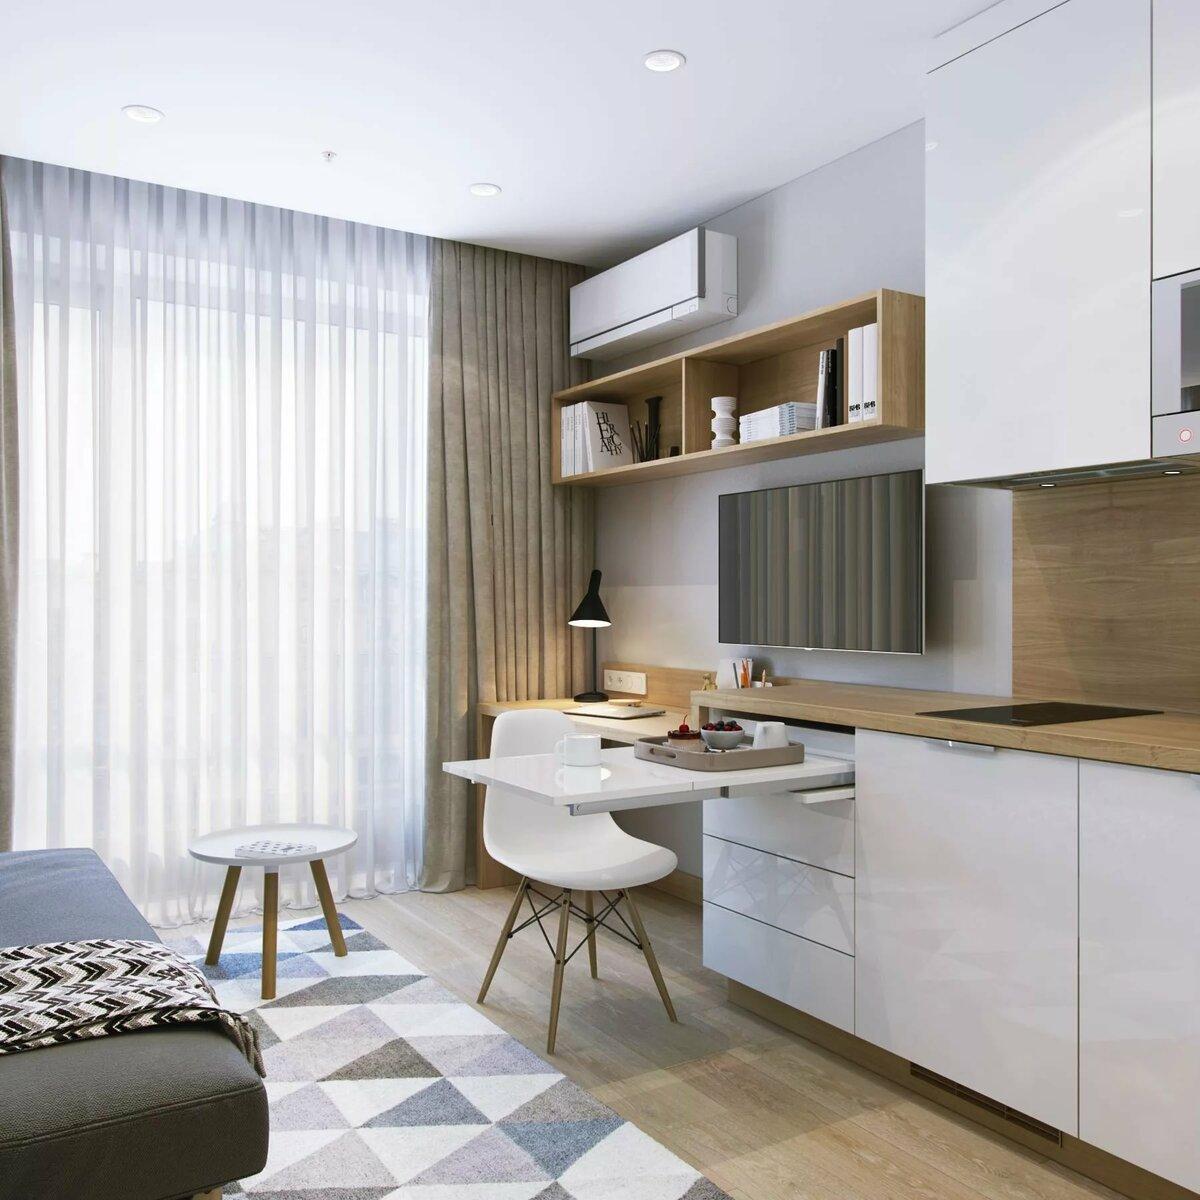 автоклаве домашний фото дизайна квартиры студии рек поглощает